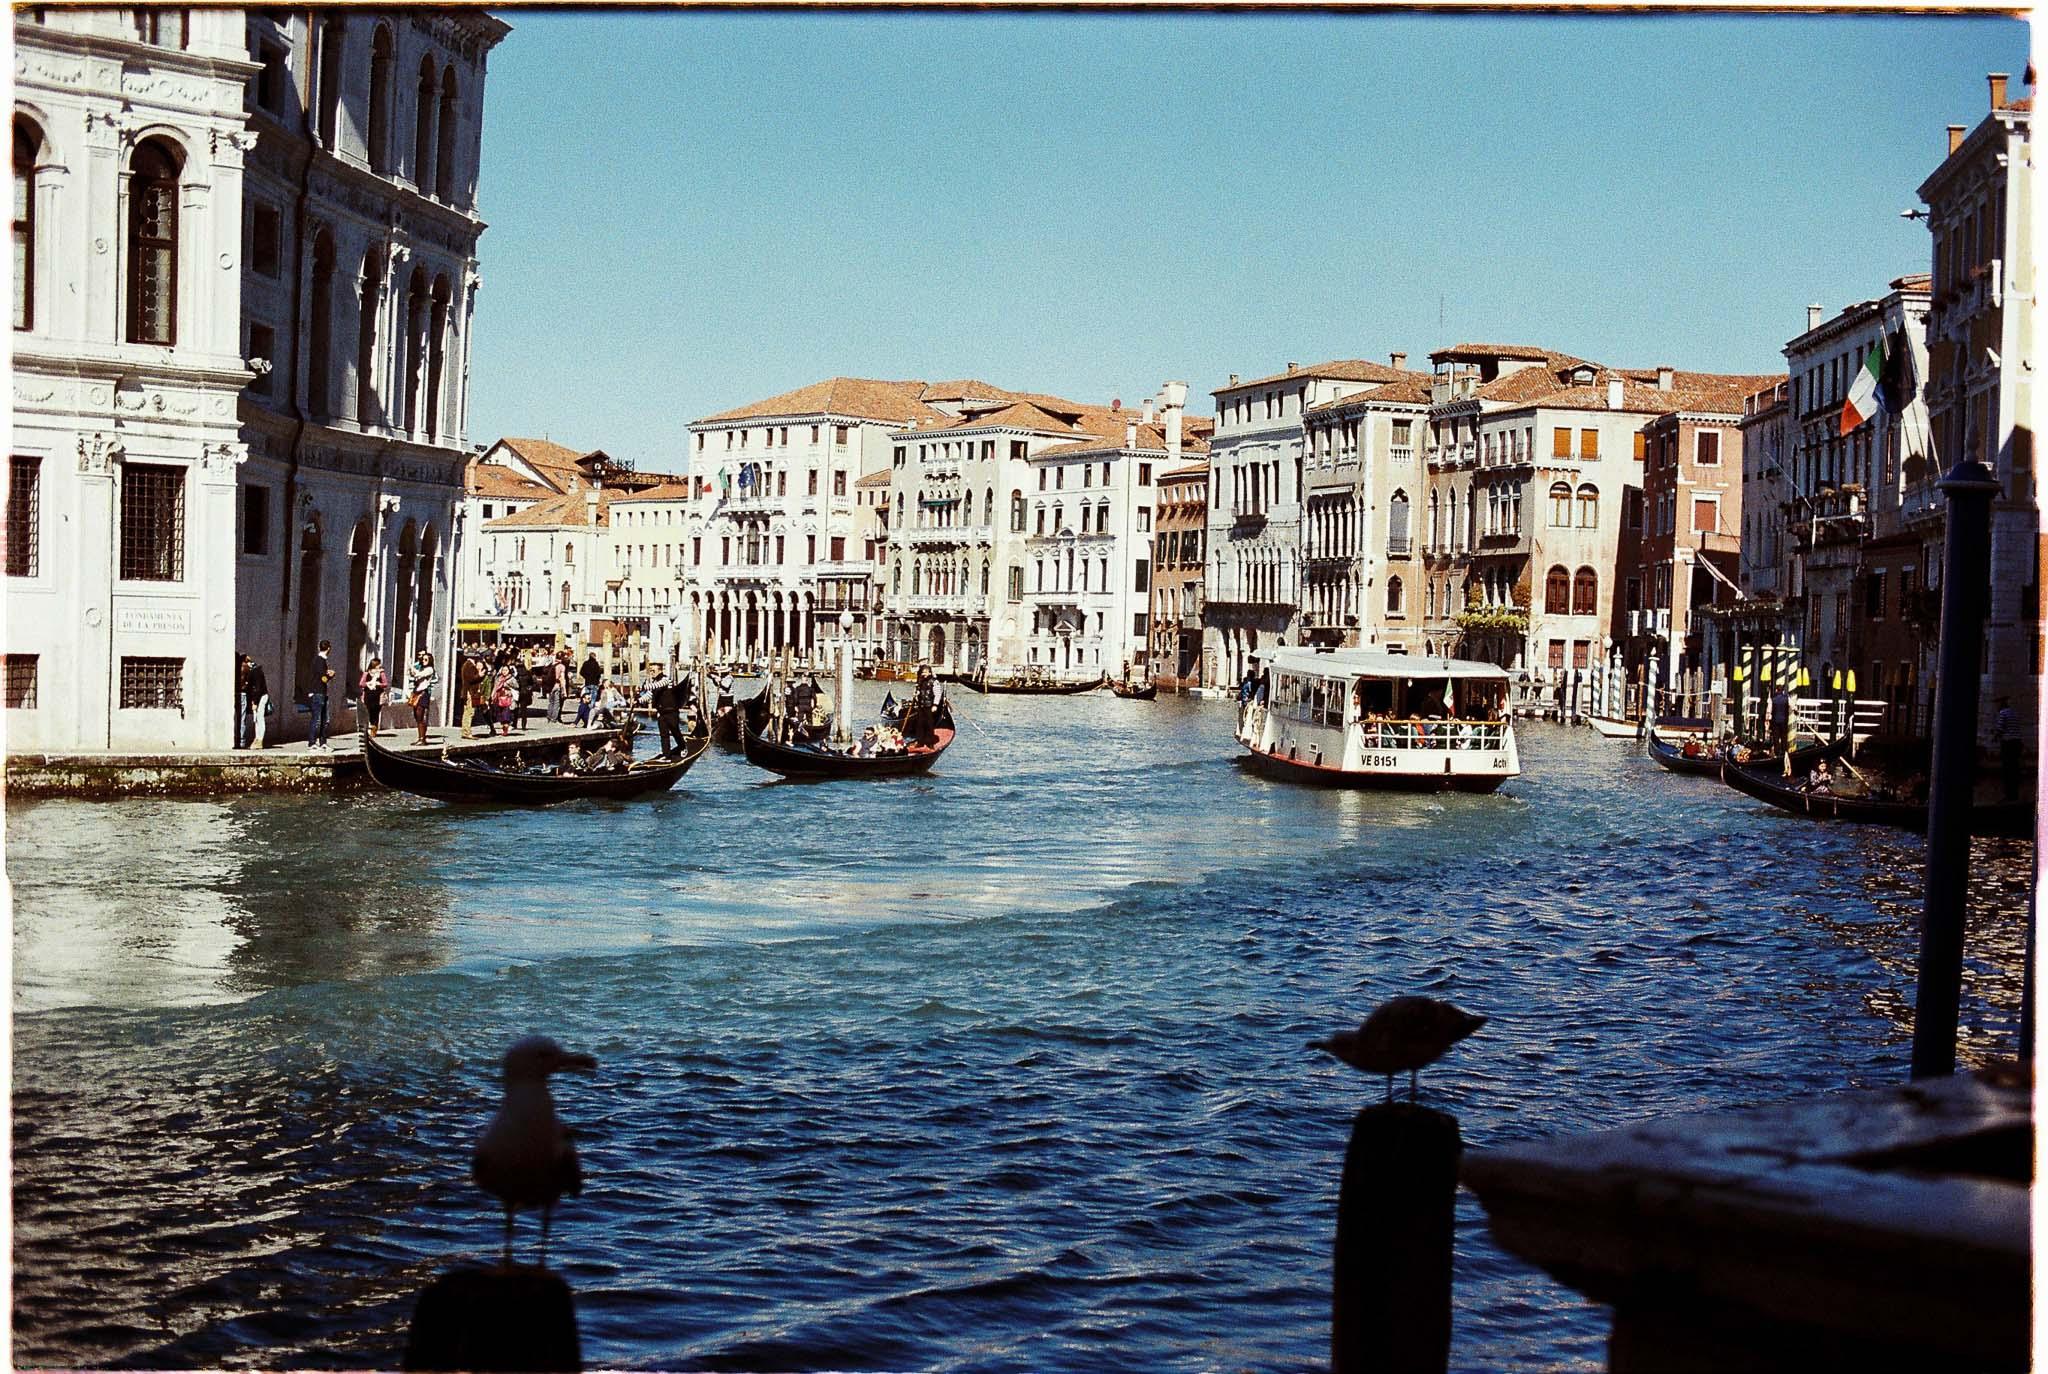 Grand Canal Venice Italy Agfa Vista 100 expired